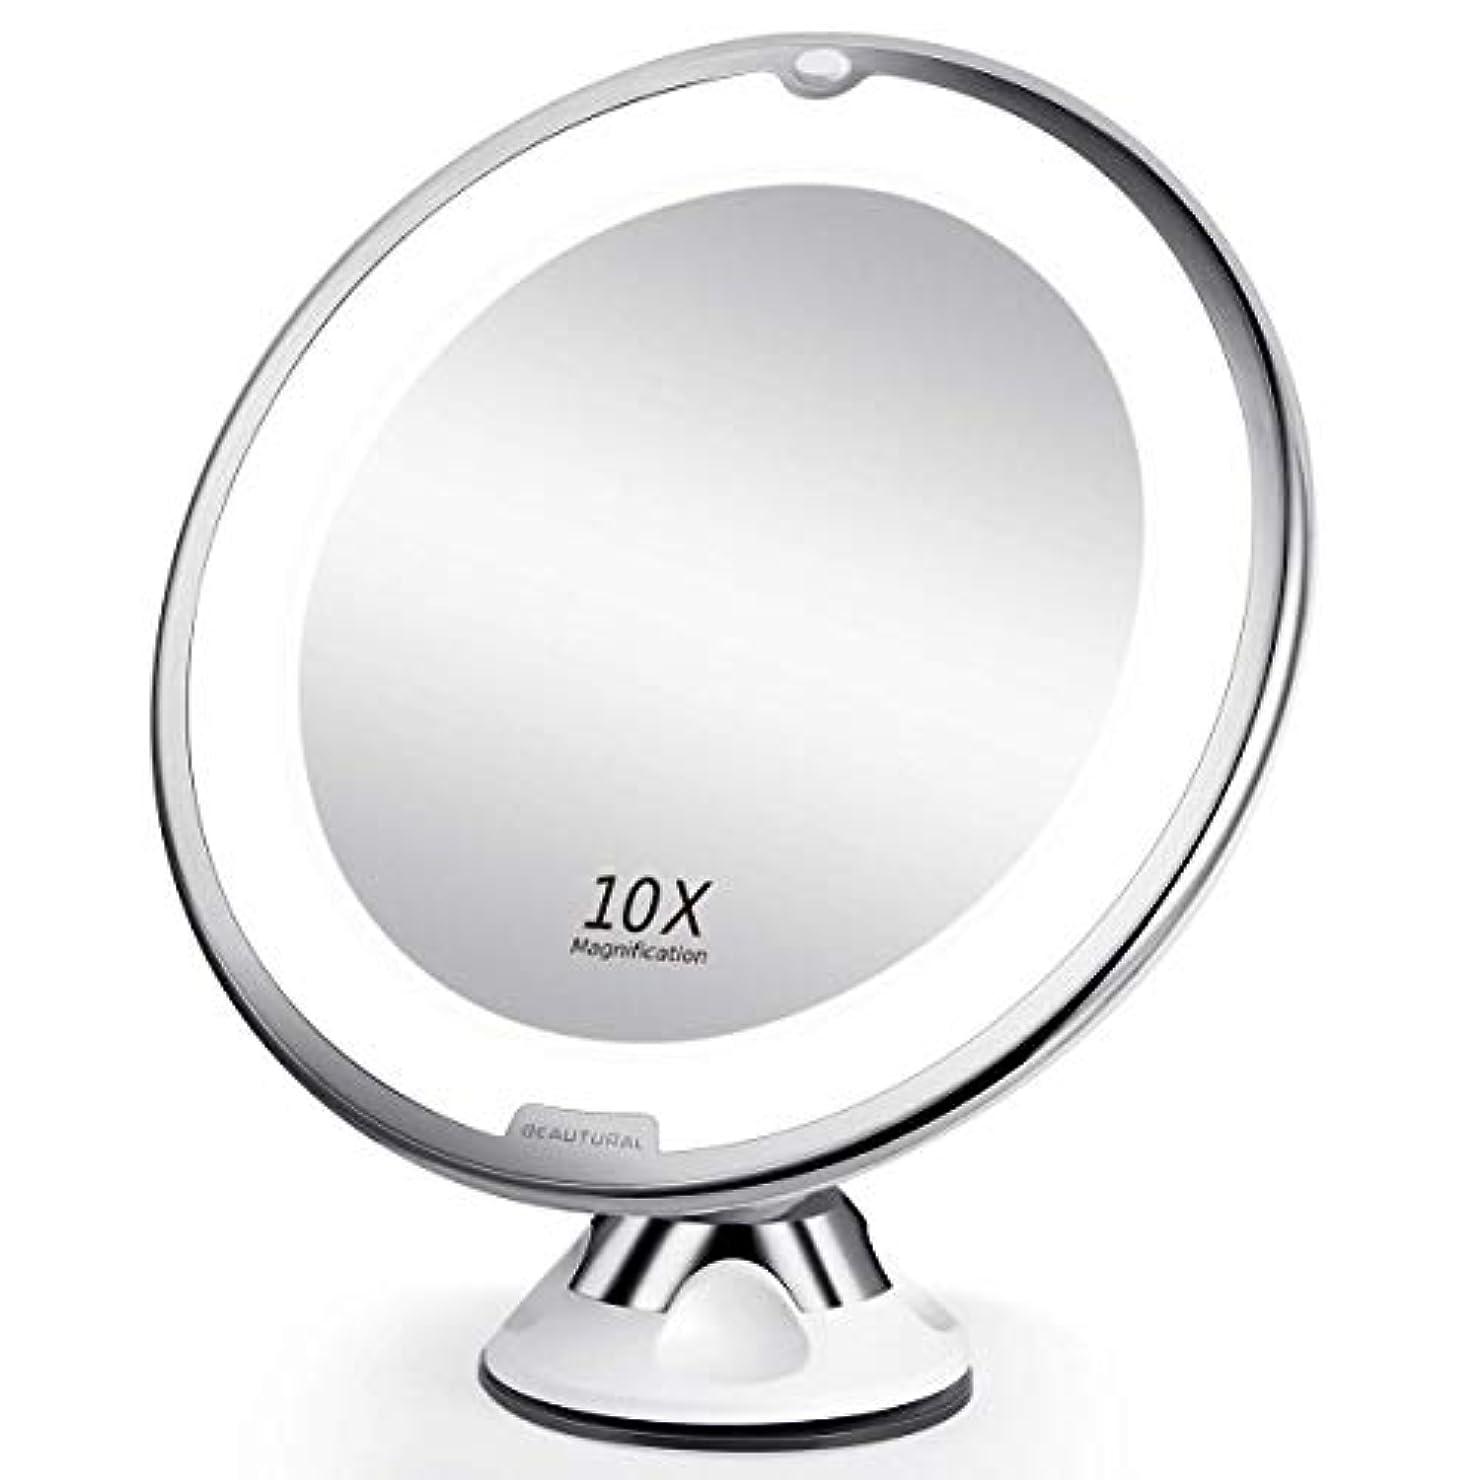 申請者あご副Beautural 10倍拡大鏡 化粧 拡大鏡 LED化粧鏡 浴室用鏡 LEDミラー 360度回転 吸盤ロック付き スタンド/壁掛け両用 防錆 乾電池式